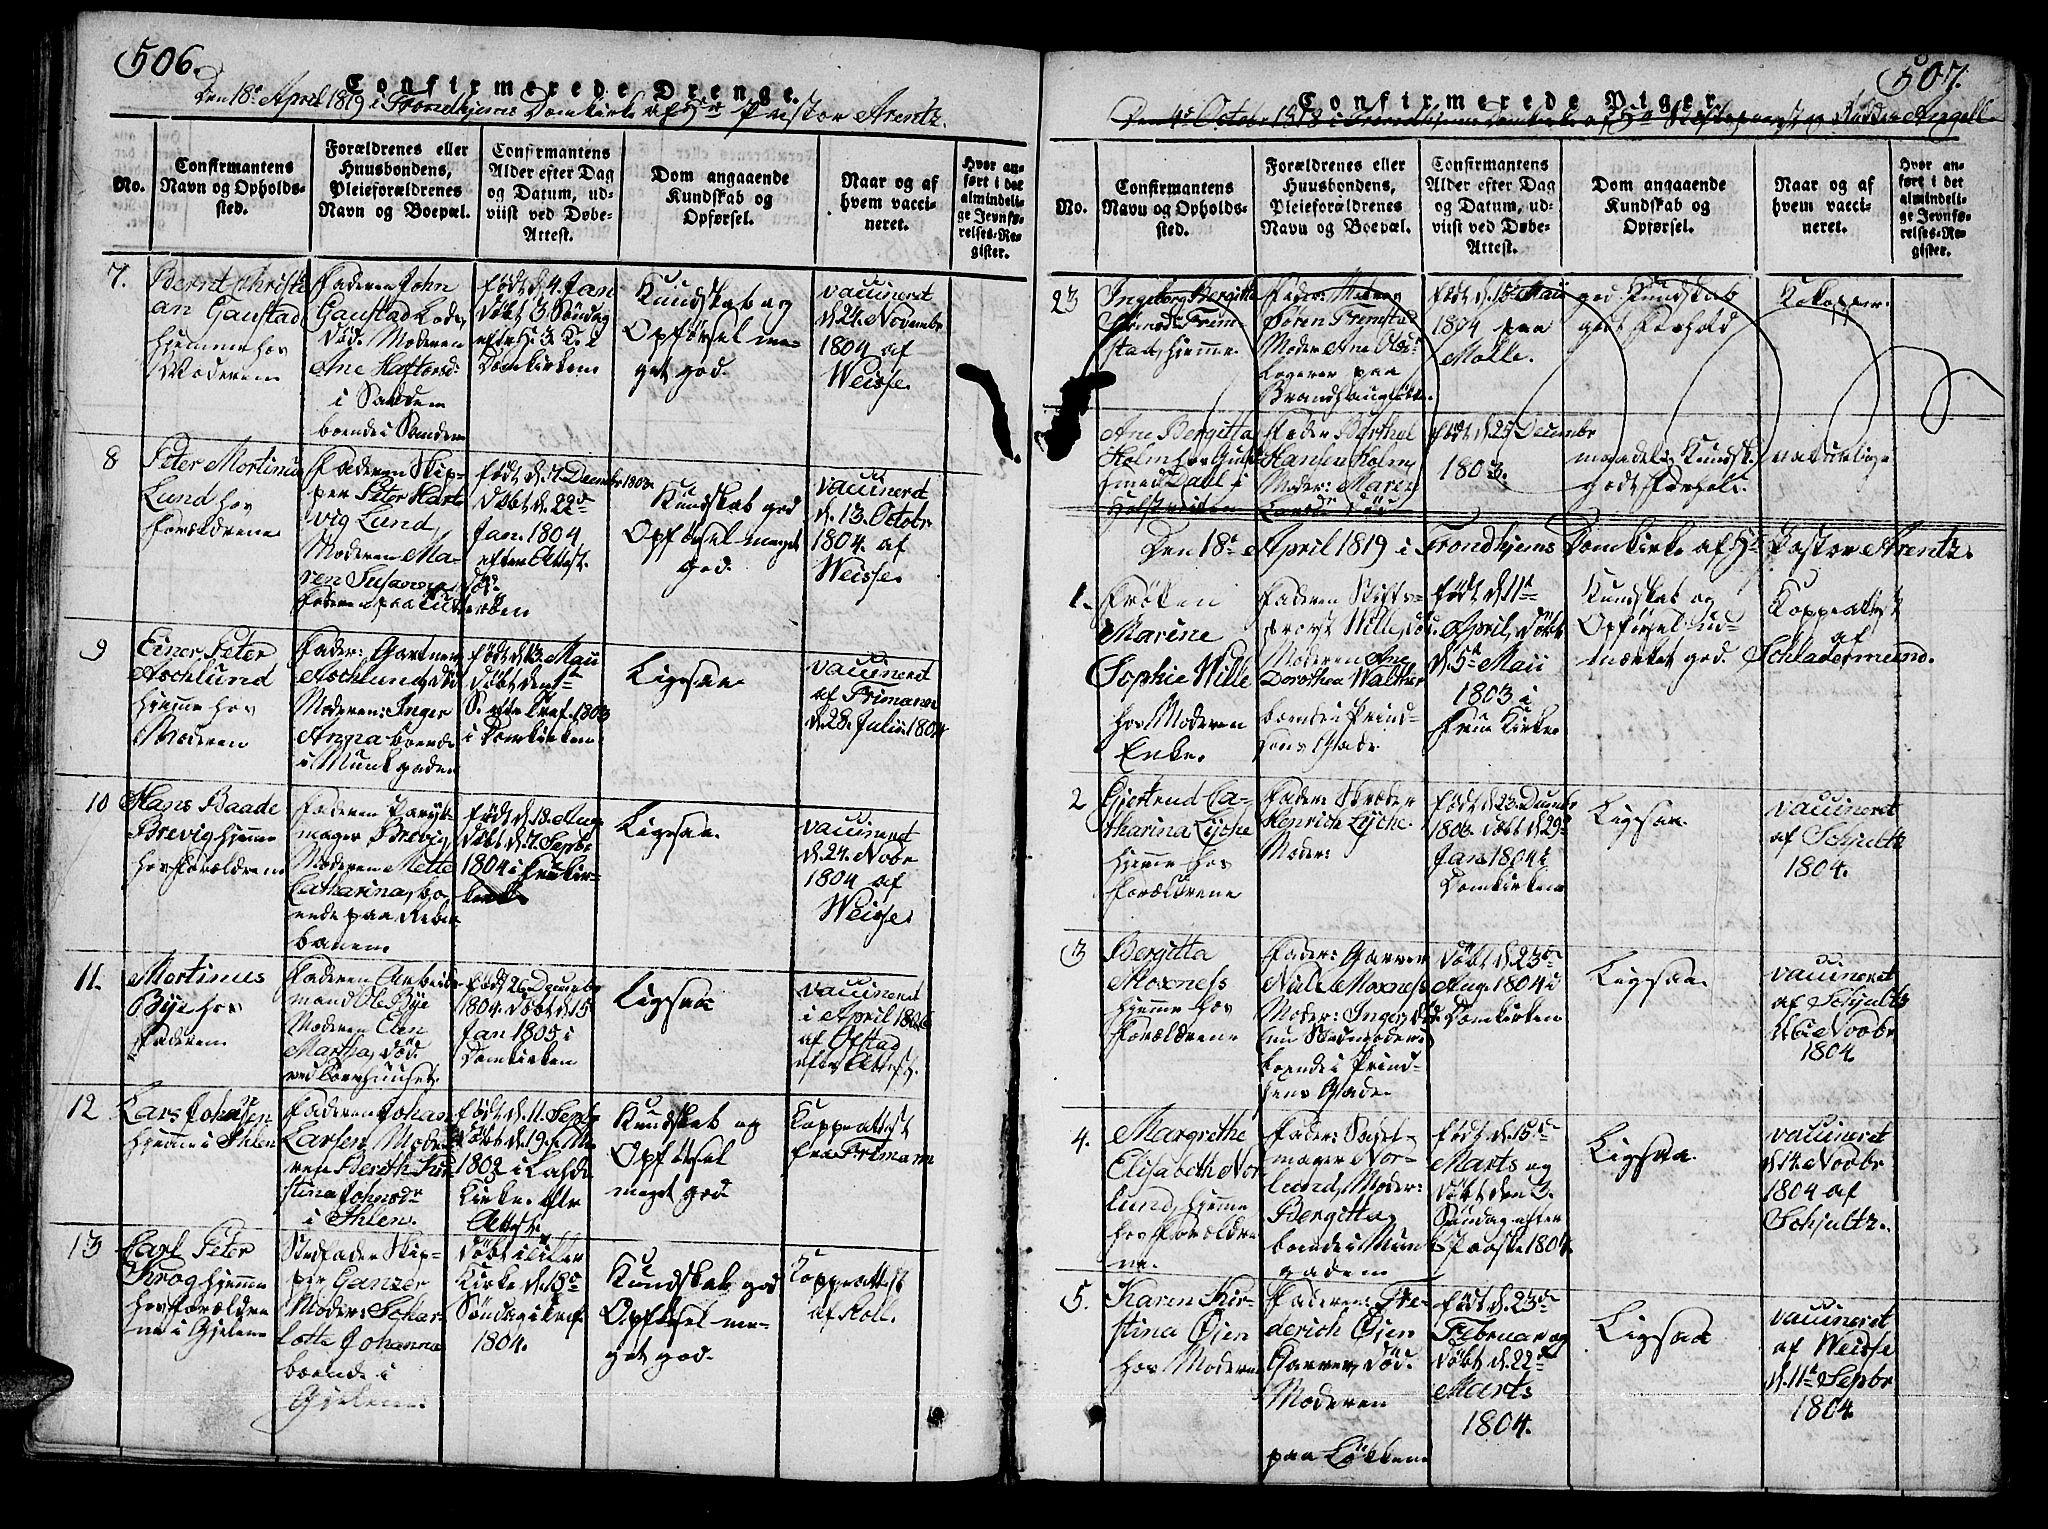 SAT, Ministerialprotokoller, klokkerbøker og fødselsregistre - Sør-Trøndelag, 601/L0043: Ministerialbok nr. 601A11, 1815-1821, s. 506-507